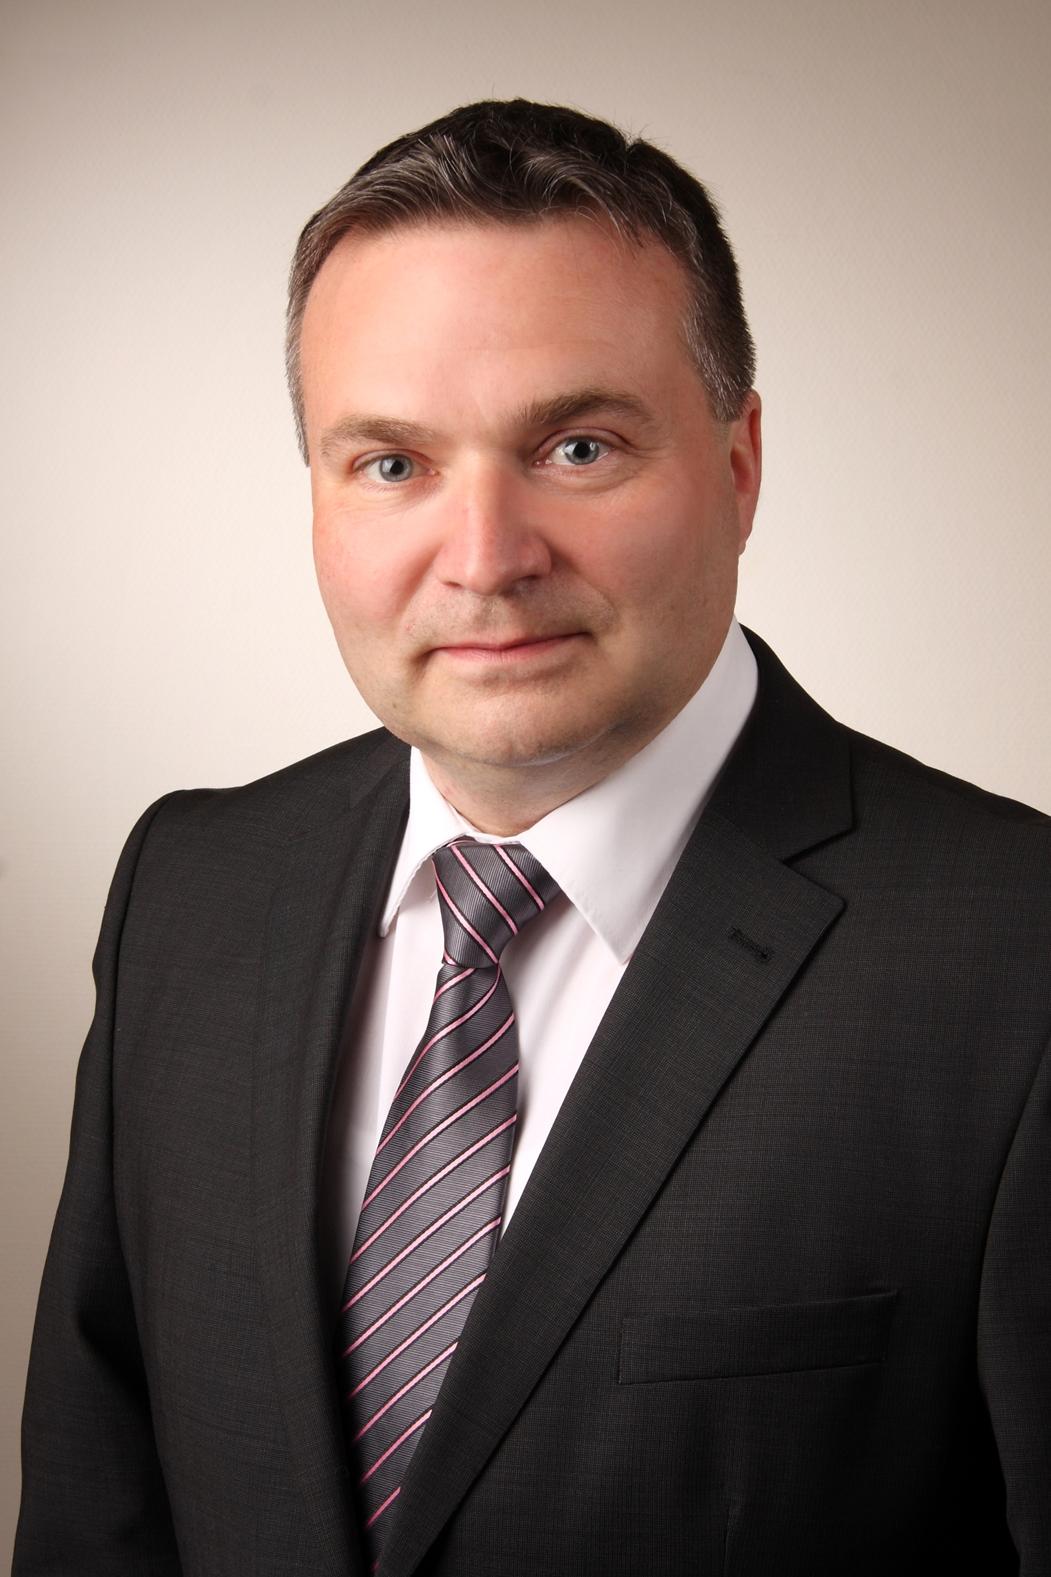 Bürgermeister Jens Spiske